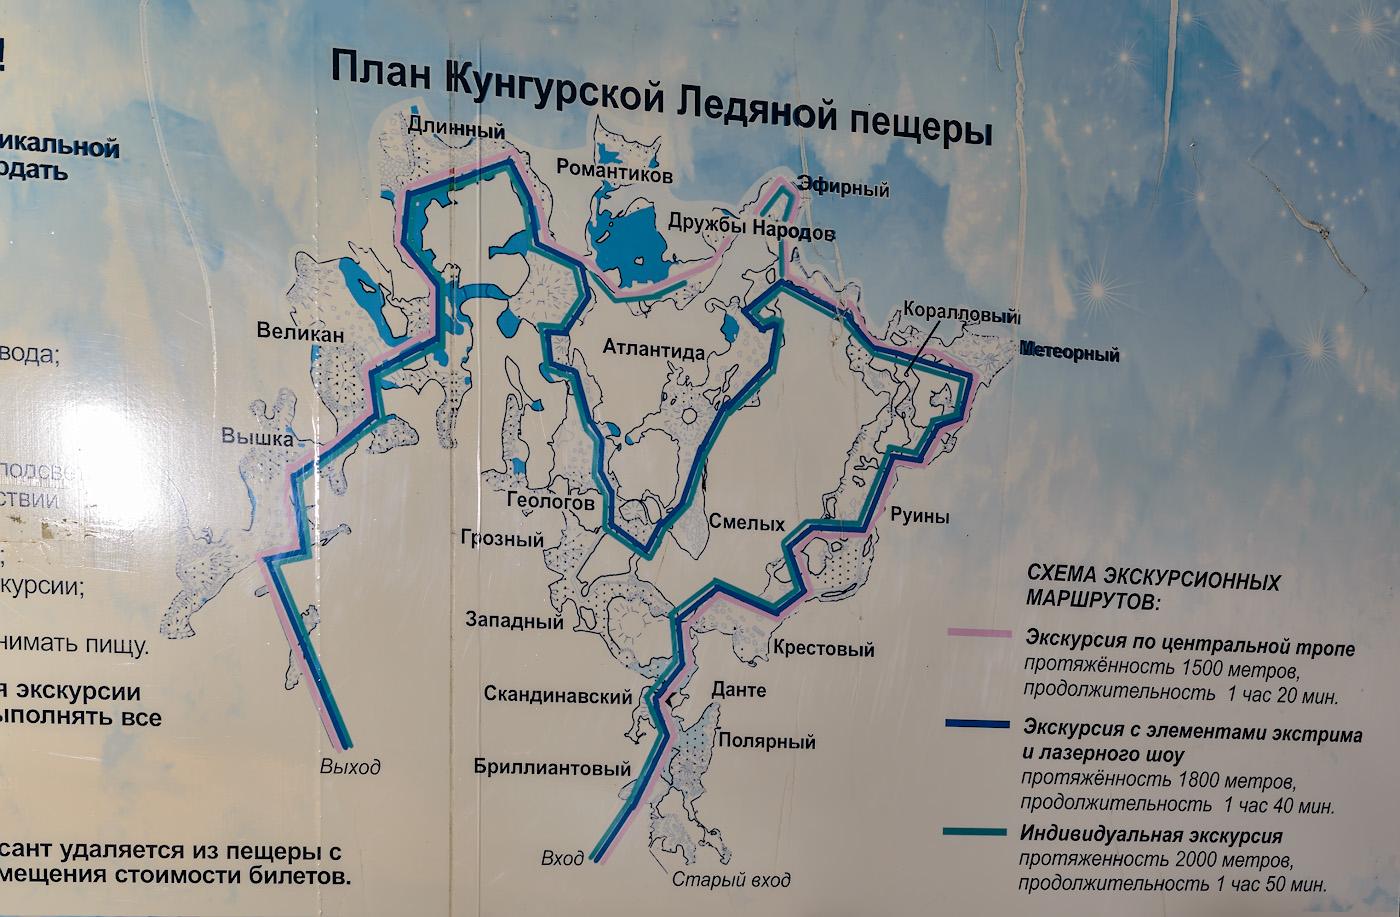 Фотография 6. Схема экскурсий в Кунгурской Ледяной пещере. На карте выше видно, что маршрут разных экскурсий (по центральной тропе, с лазерным шоу и индивидуальной) немного отличается. Если я правильно понял, оплатив индивидуальное посещение, можно посетить небольшой «дикий» участок. 3, +0.33, 7.1, 100, 70.